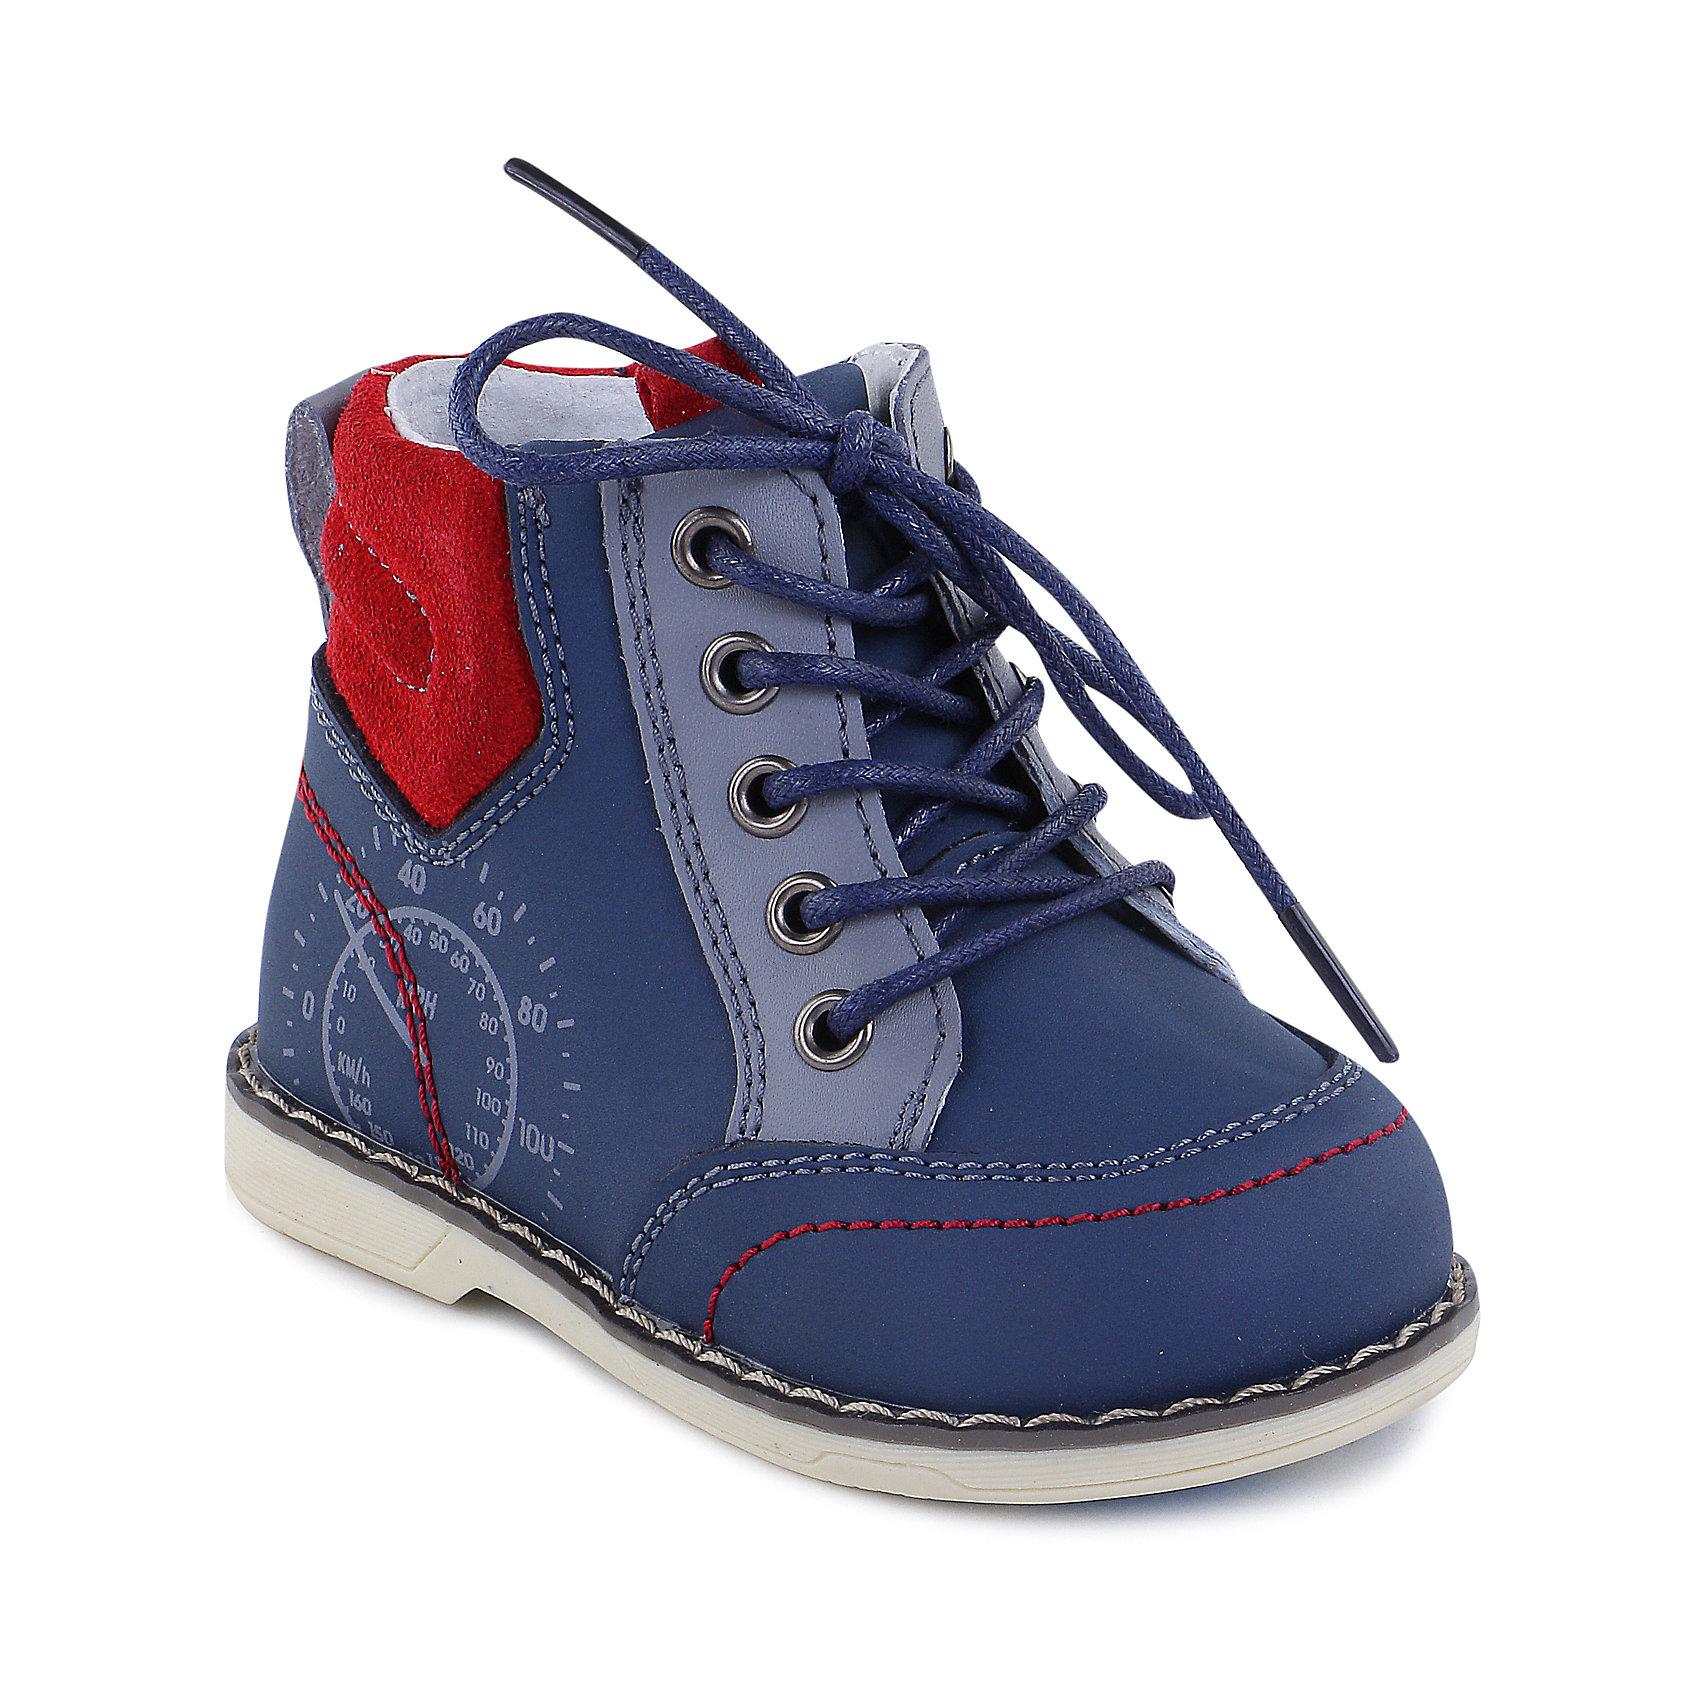 Ботинки для мальчика MURSUБотинки для мальчика от известного финского бренда MURSU - прекрасный вариант для юных модников. Модель оформлена крупной прострочкой по ранту, имеет  с усиленные пятку и нос, завязывается на шнурки или же застегивается на молнию, декорирована рисунком и контрастной отстрочкой. Мягкая вставка сзади препятствует натиранию, ботинки достаточно высокие, хорошо сидят на ноге, подъем и задник имеют ярлычки, помогающие быстро надеть обувь. Ботинки изготовлены из натуральной кожи, прекрасно смотрятся с любой одеждой, очень удобные и практичные.<br><br>Дополнительная информация:<br><br>- Сезон: весна/осень<br>- Тепловой режим: от +5? до +15? <br>- Цвет: синий.<br>- Декоративные элементы: принт, отстрочка.<br>- Рифленая подошва.<br>- Тип застежки: шнурки, молния. <br>- Стелька с супинатором. <br>- Ярлычки на подъеме и заднике.<br><br>Состав:<br><br>- Материал верха: кожа.<br>- Материал подкладки: кожа.<br>- Материал подошвы: TPR.<br>- Материал стельки: кожа.<br><br>Ботинки для мальчика MURSU (Мурсу), можно купить в нашем магазине.<br><br>Ширина мм: 262<br>Глубина мм: 176<br>Высота мм: 97<br>Вес г: 427<br>Цвет: синий<br>Возраст от месяцев: 12<br>Возраст до месяцев: 15<br>Пол: Мужской<br>Возраст: Детский<br>Размер: 21,22,23,24,25,26<br>SKU: 4195782